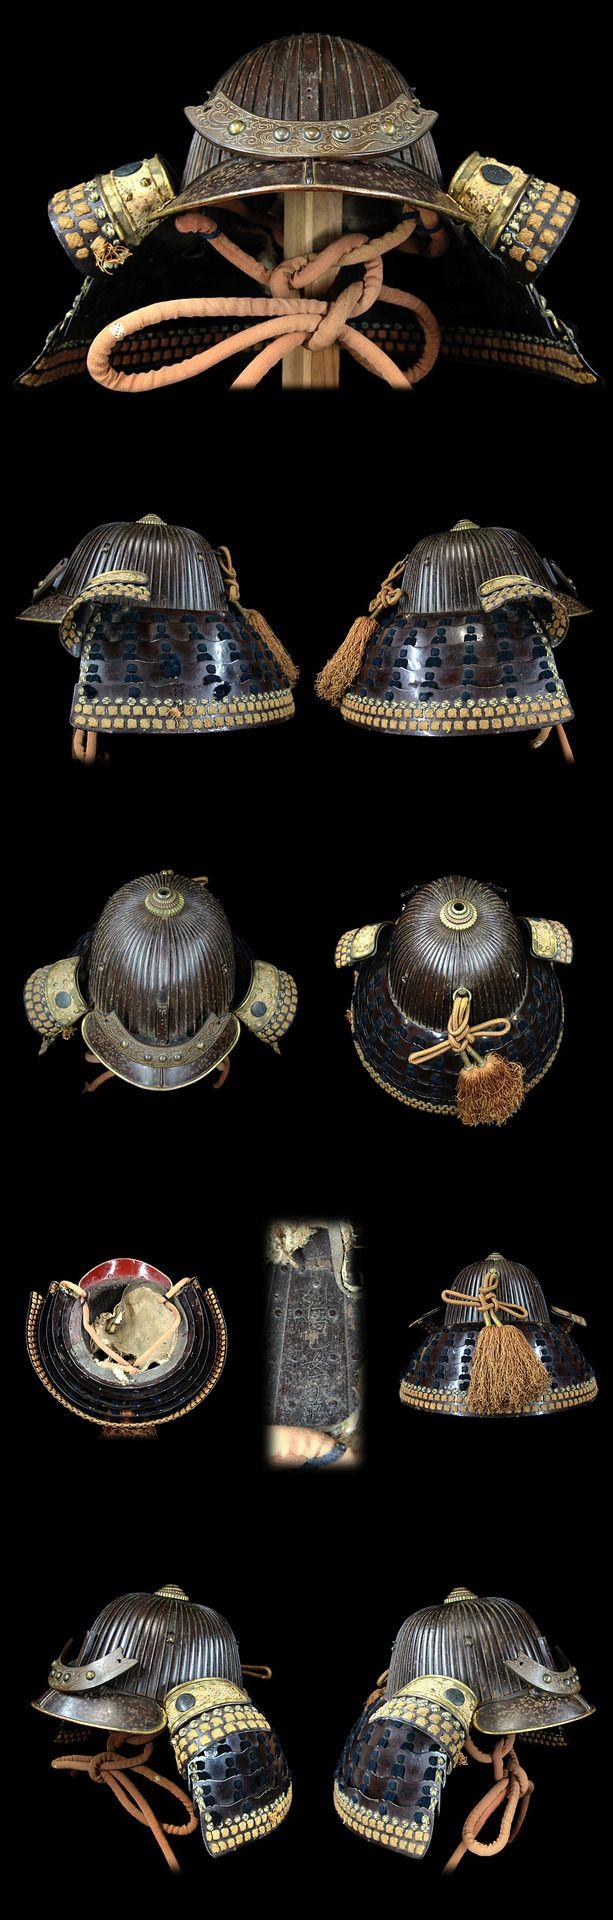 Japanese samurai helmet in details